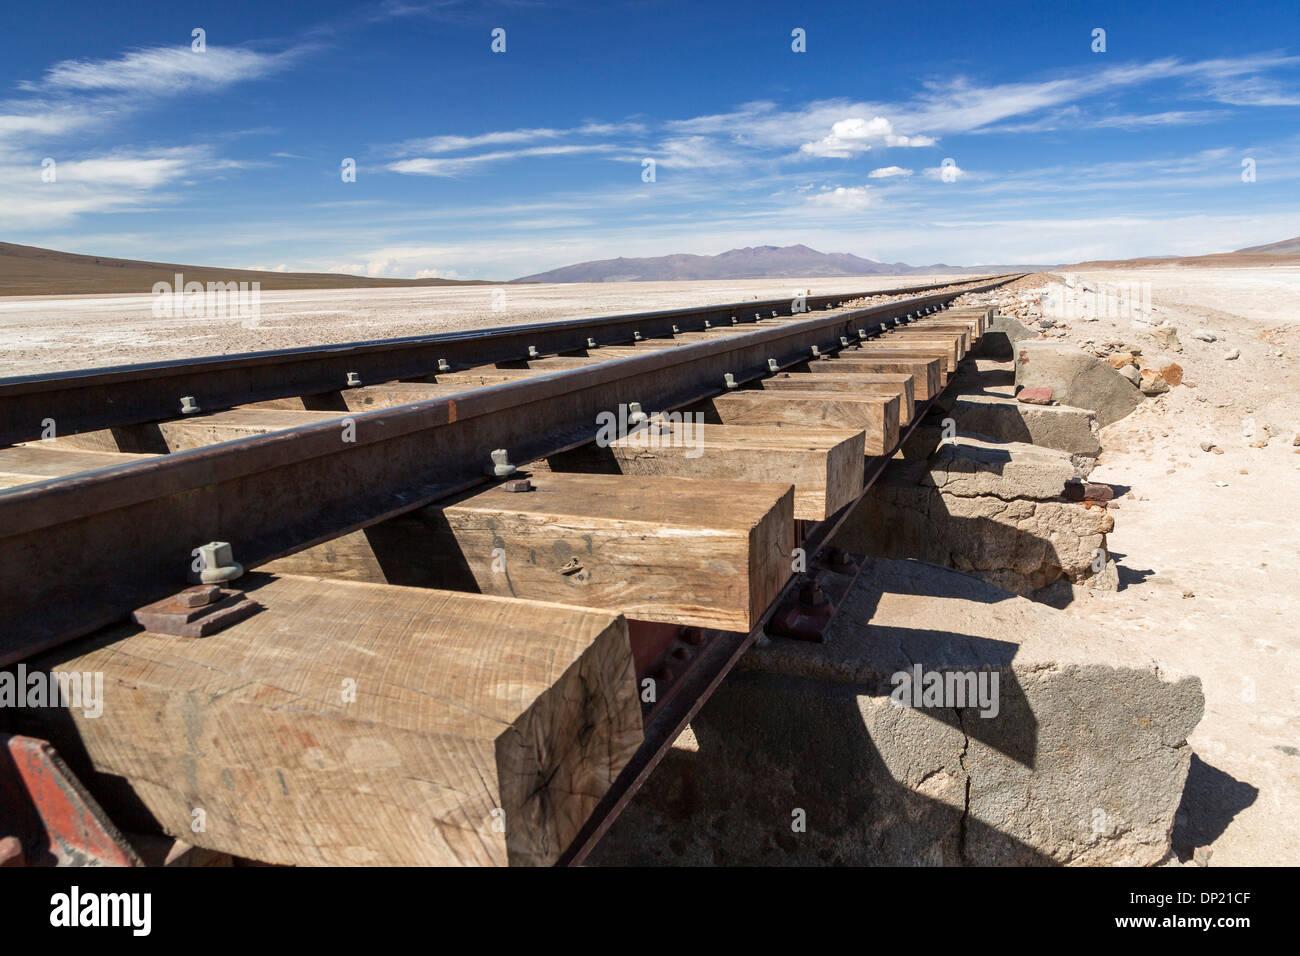 Railroad tracks, Altiplano, Andean Plateau, Andes, Bolivia - Stock Image